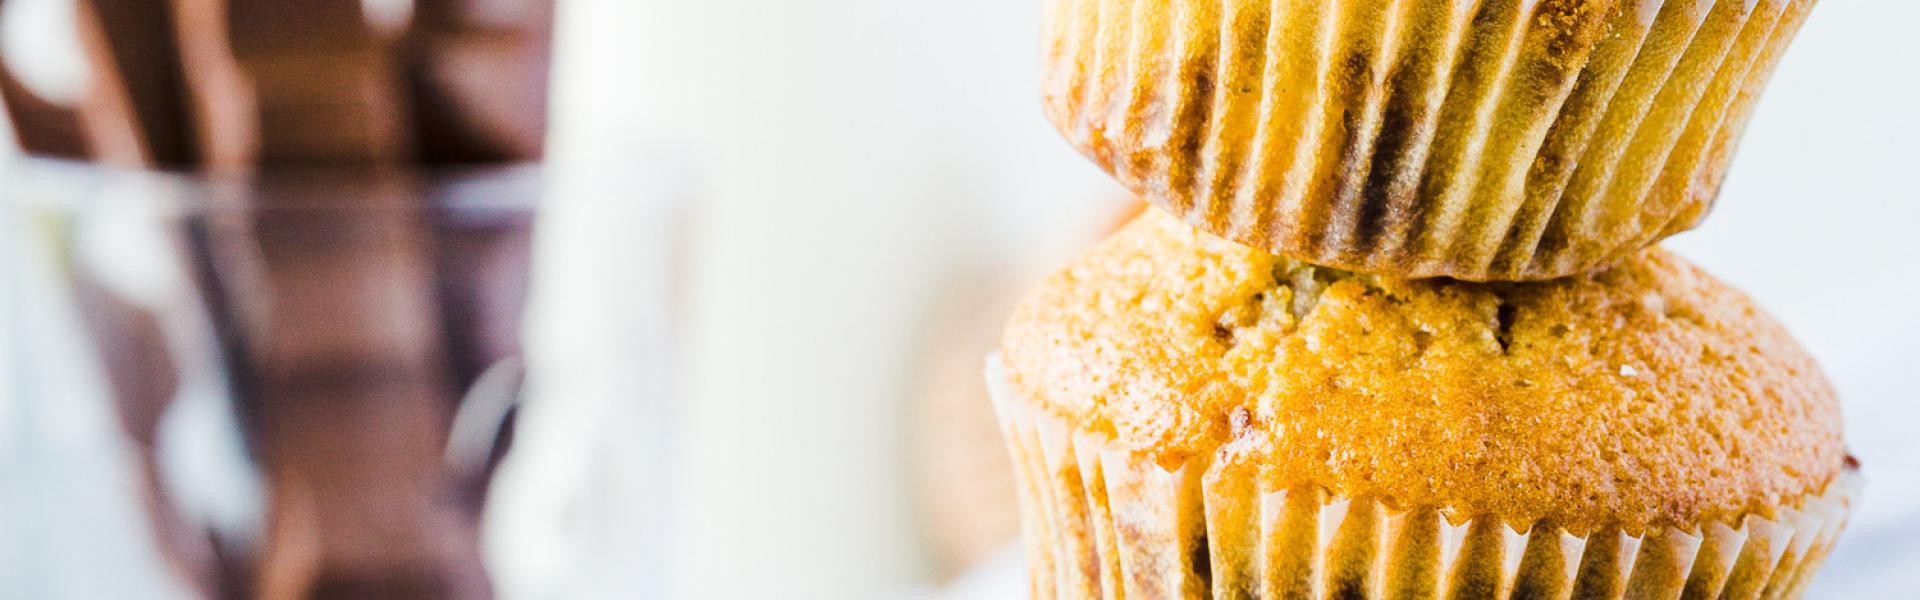 Drei Kinderschokolade-Muffins übereinandergestapelt mit Kinderschokolade im Hintergrund.